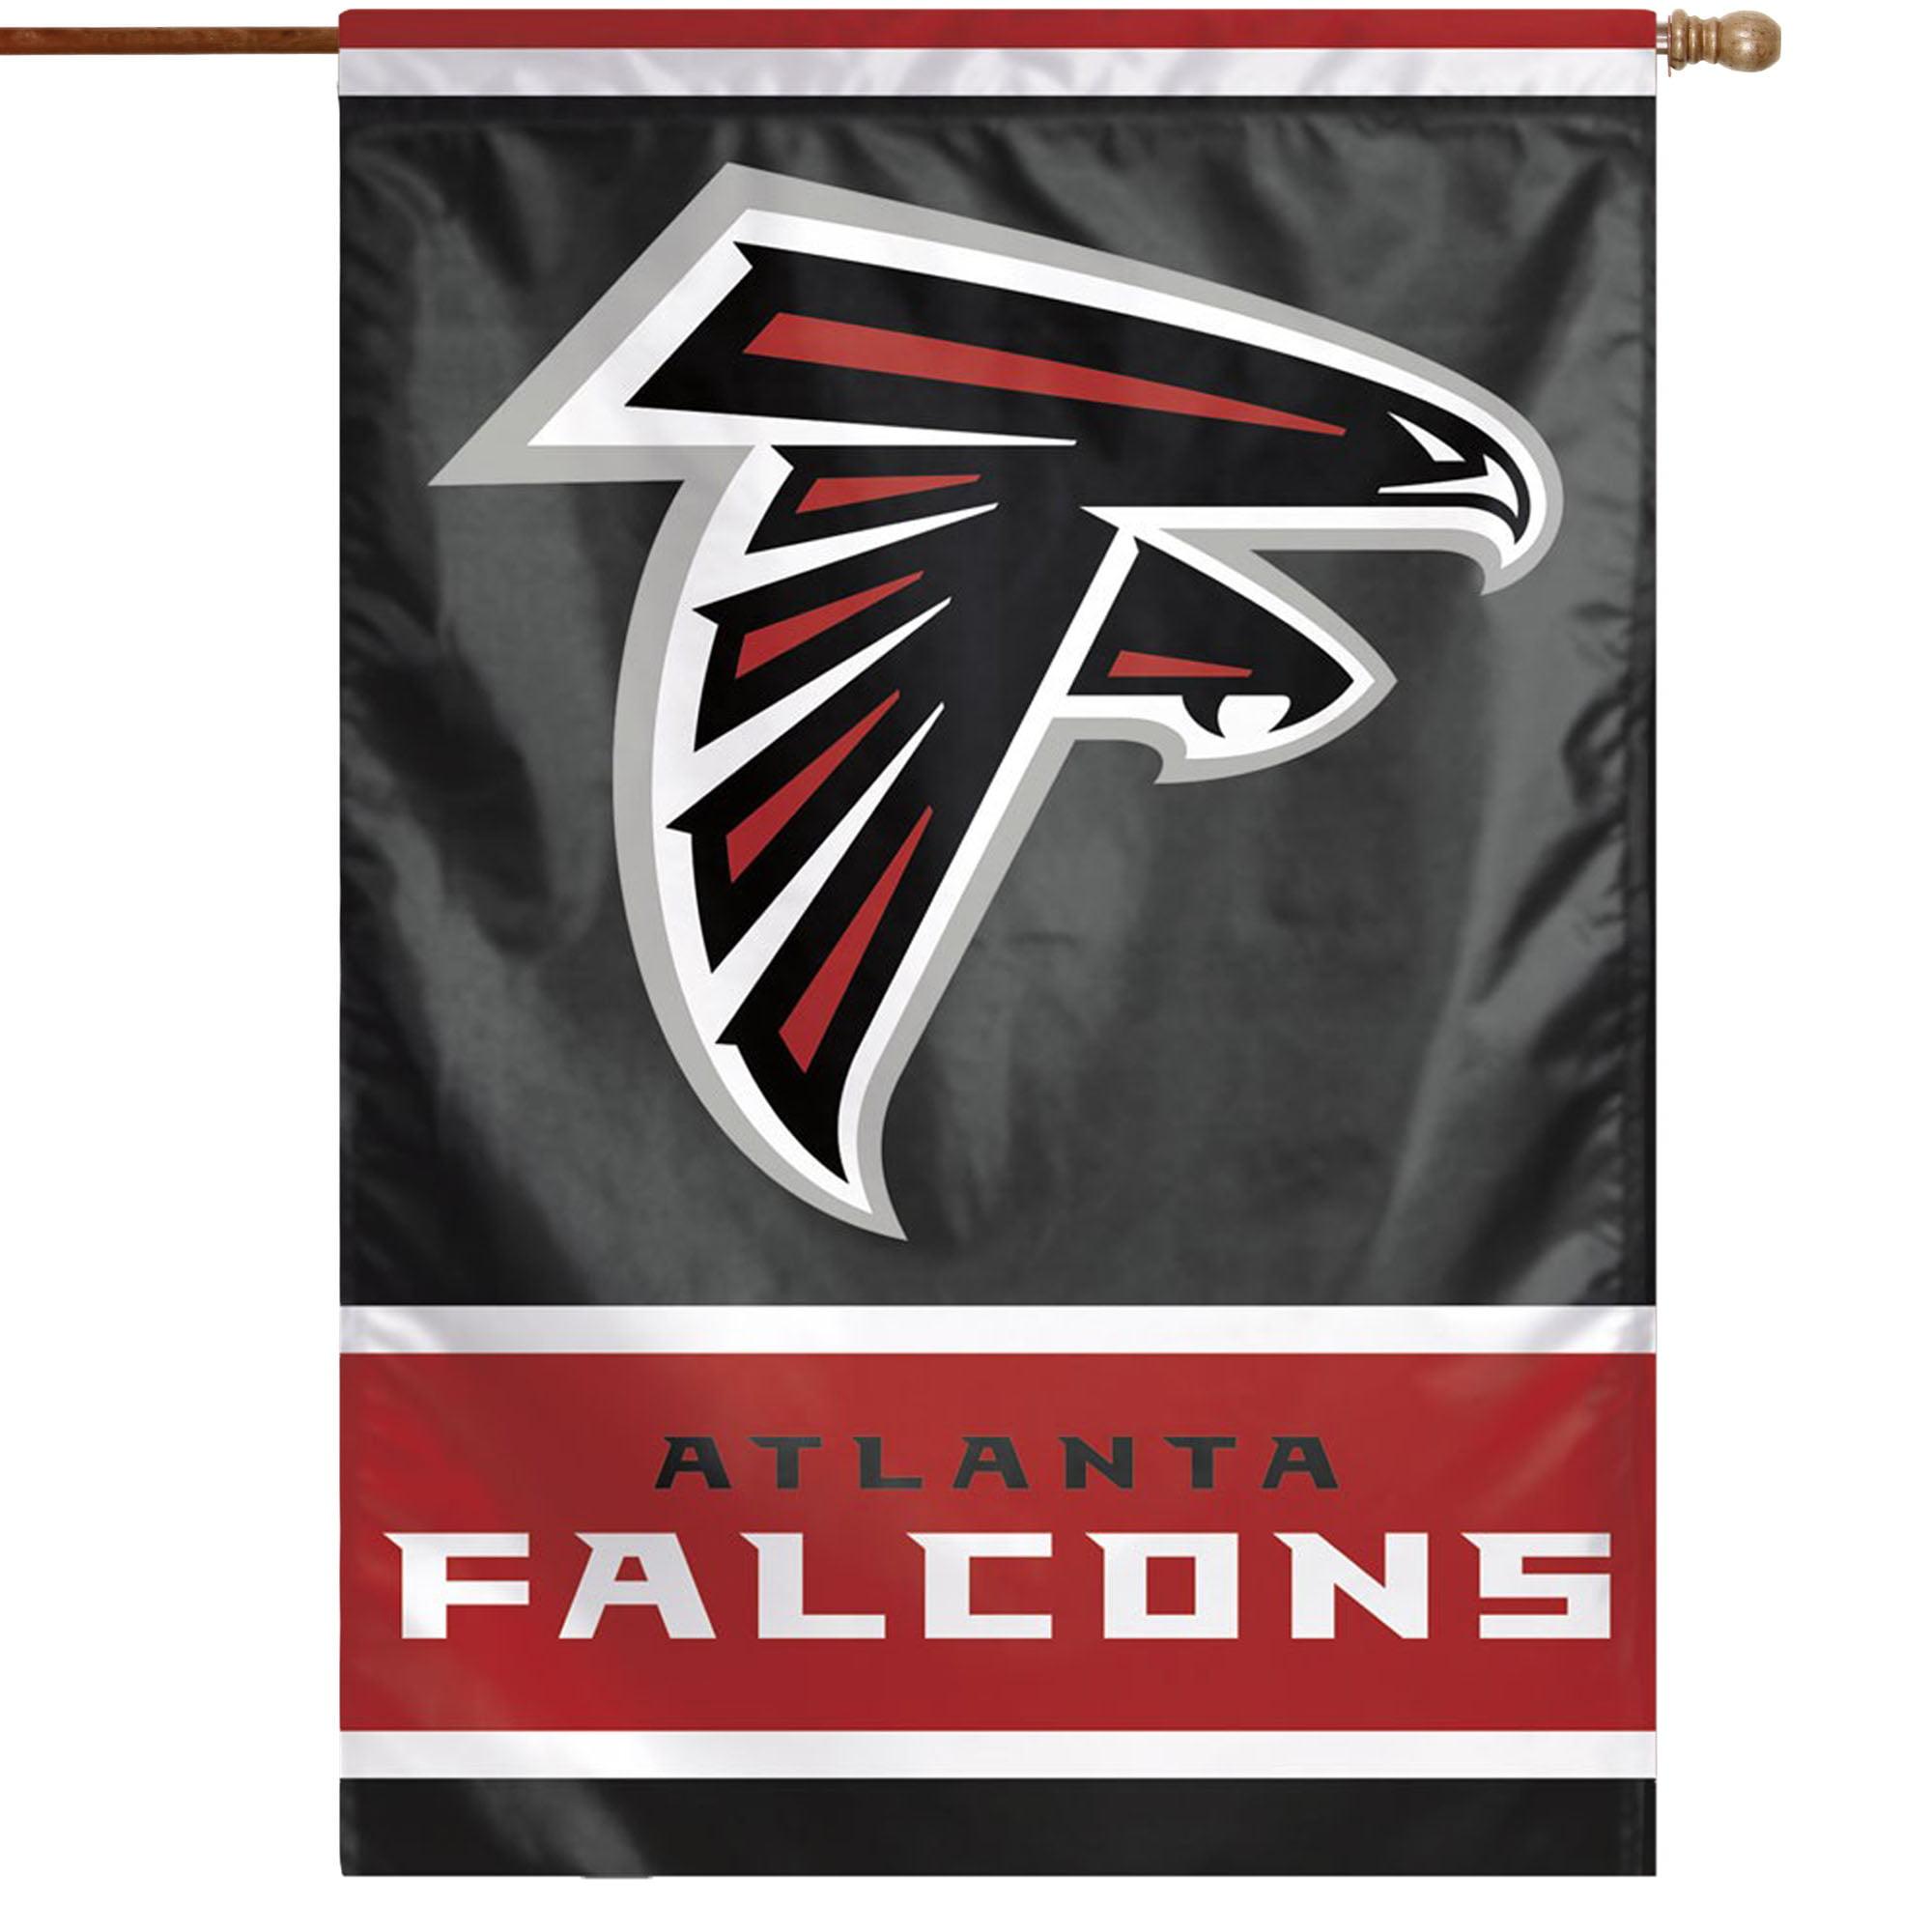 """Atlanta Falcons WinCraft 27"""" x 37"""" Vertical Banner - No Size"""